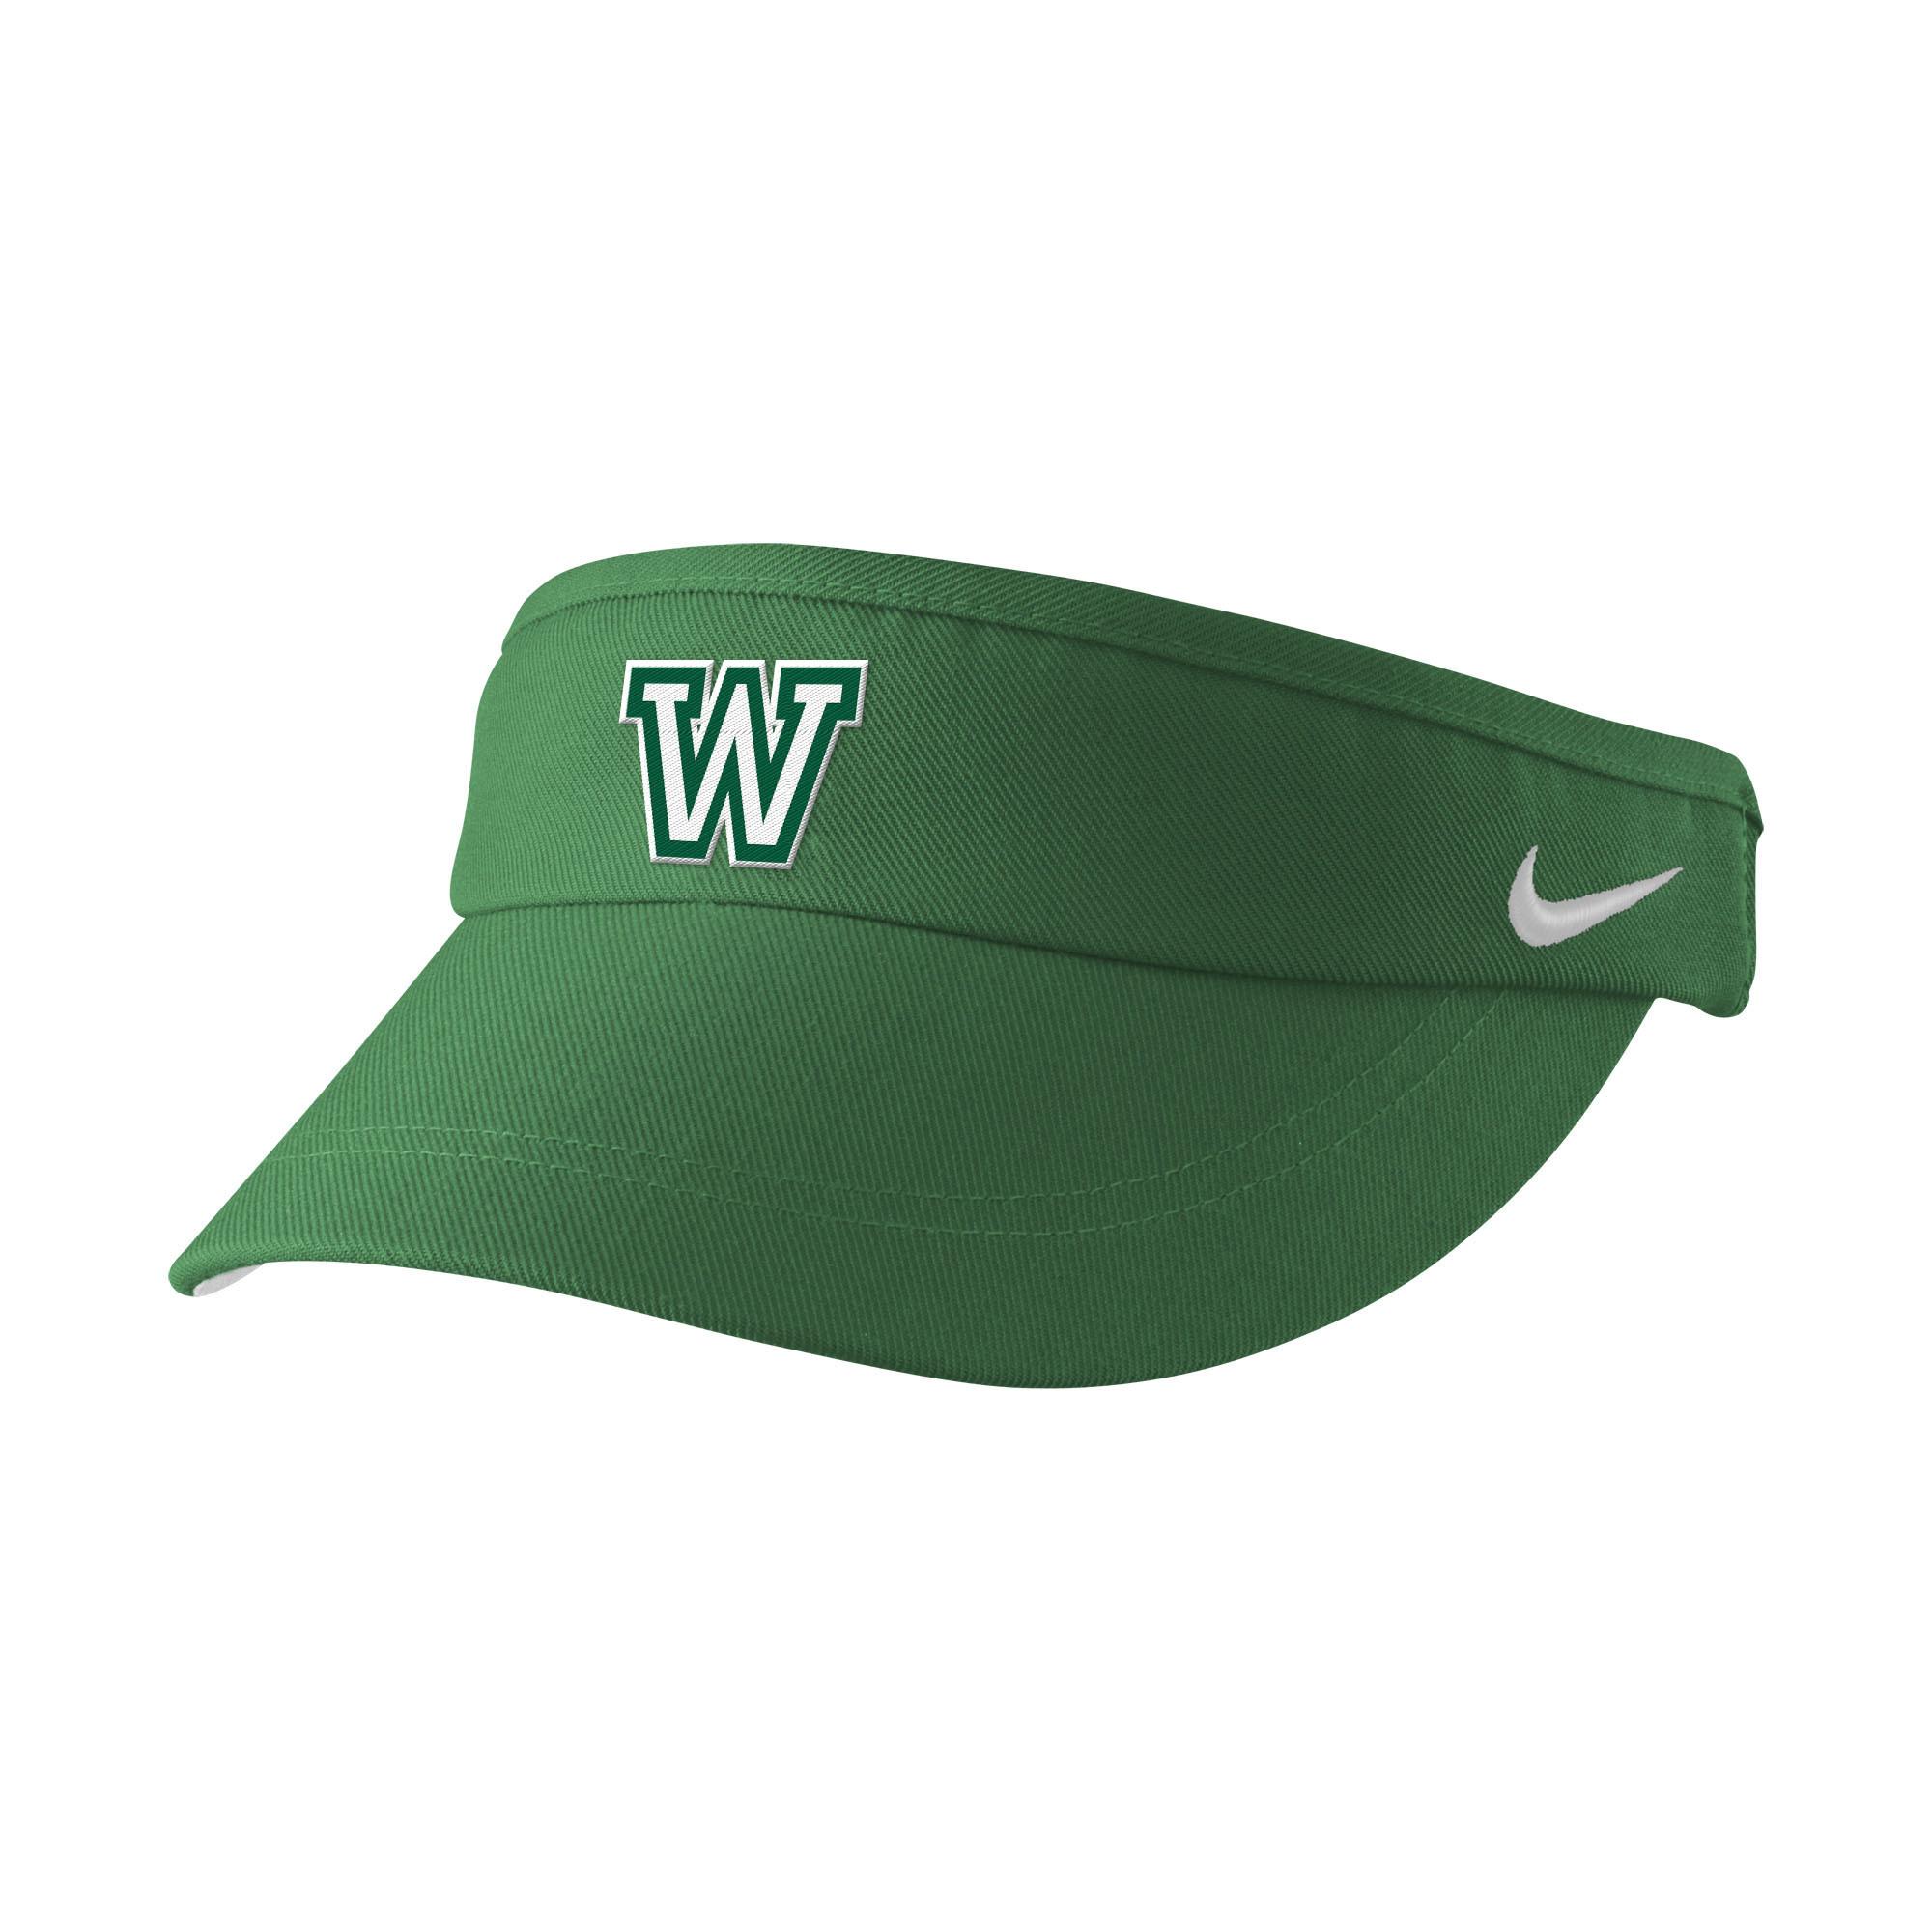 Visor: Nike Sideline Visor- Green with White W